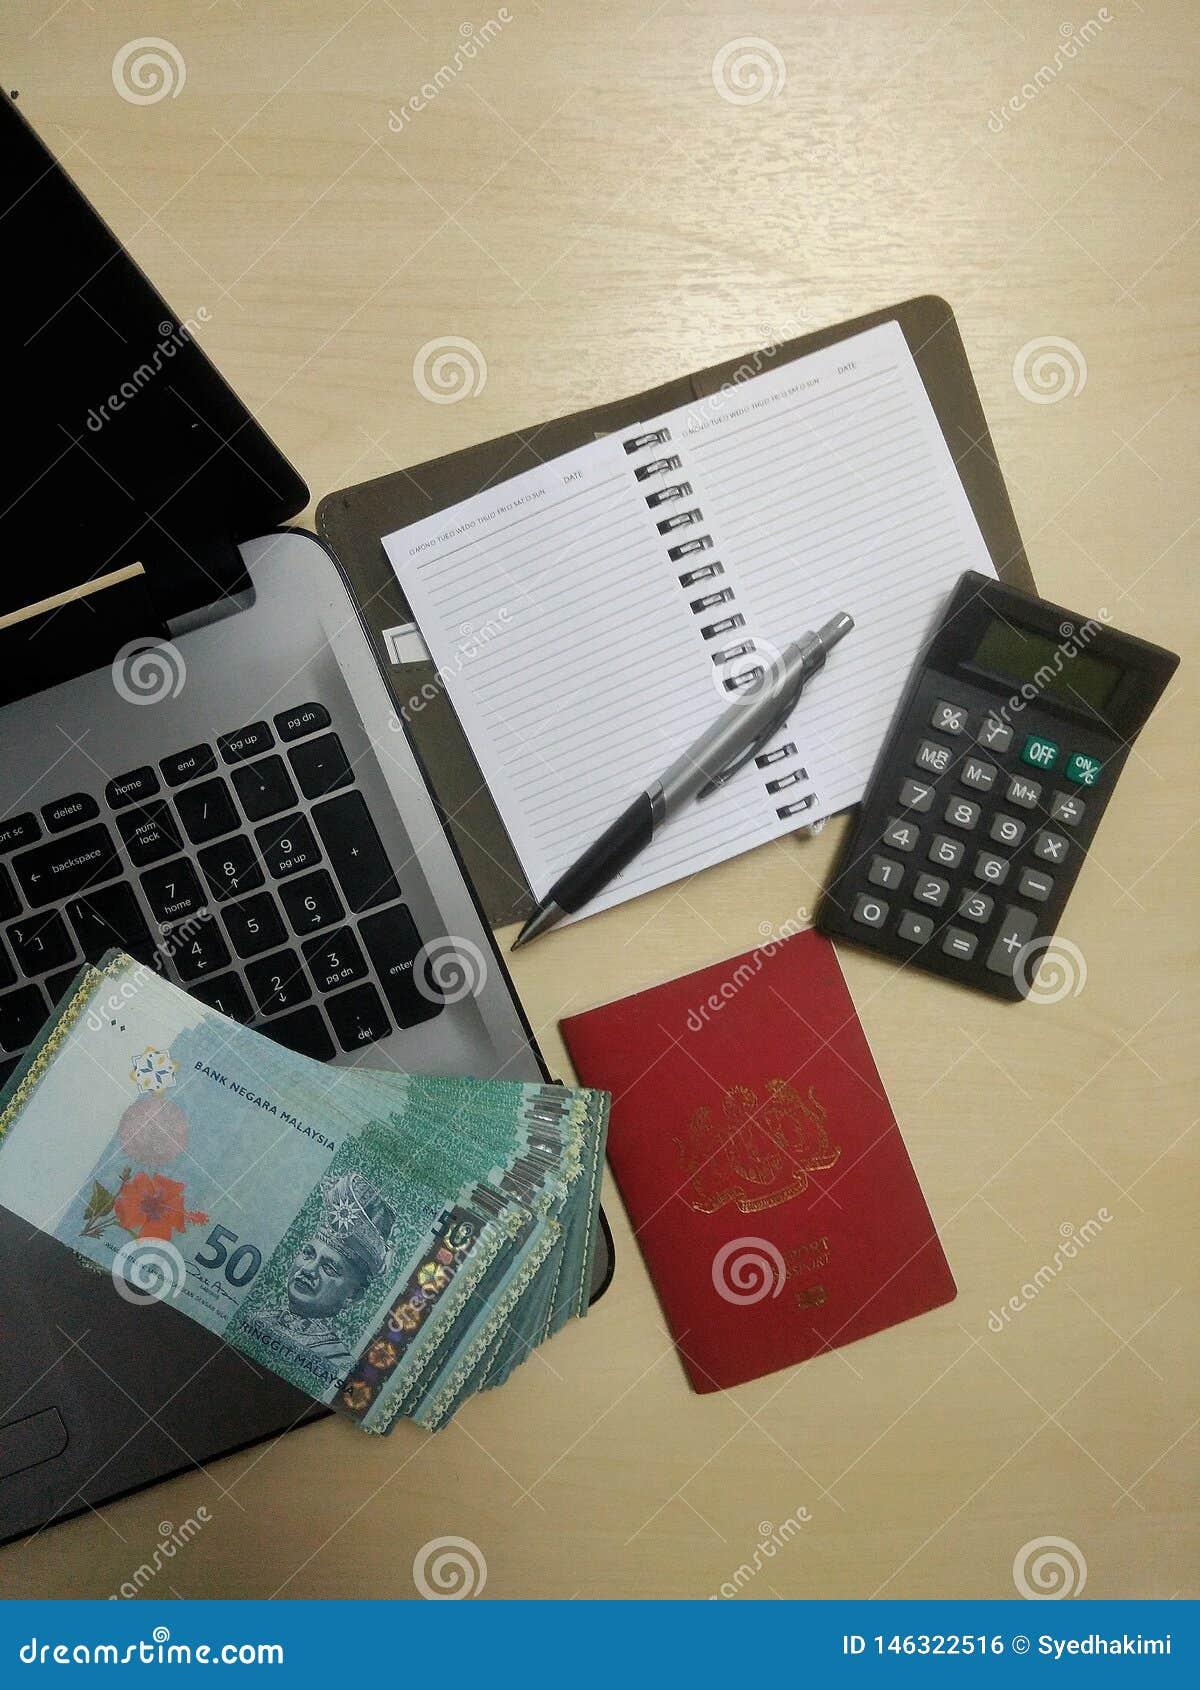 Portátil, dinheiro, passaporte, pena, calculadora, mesa, caderno com páginas vazias